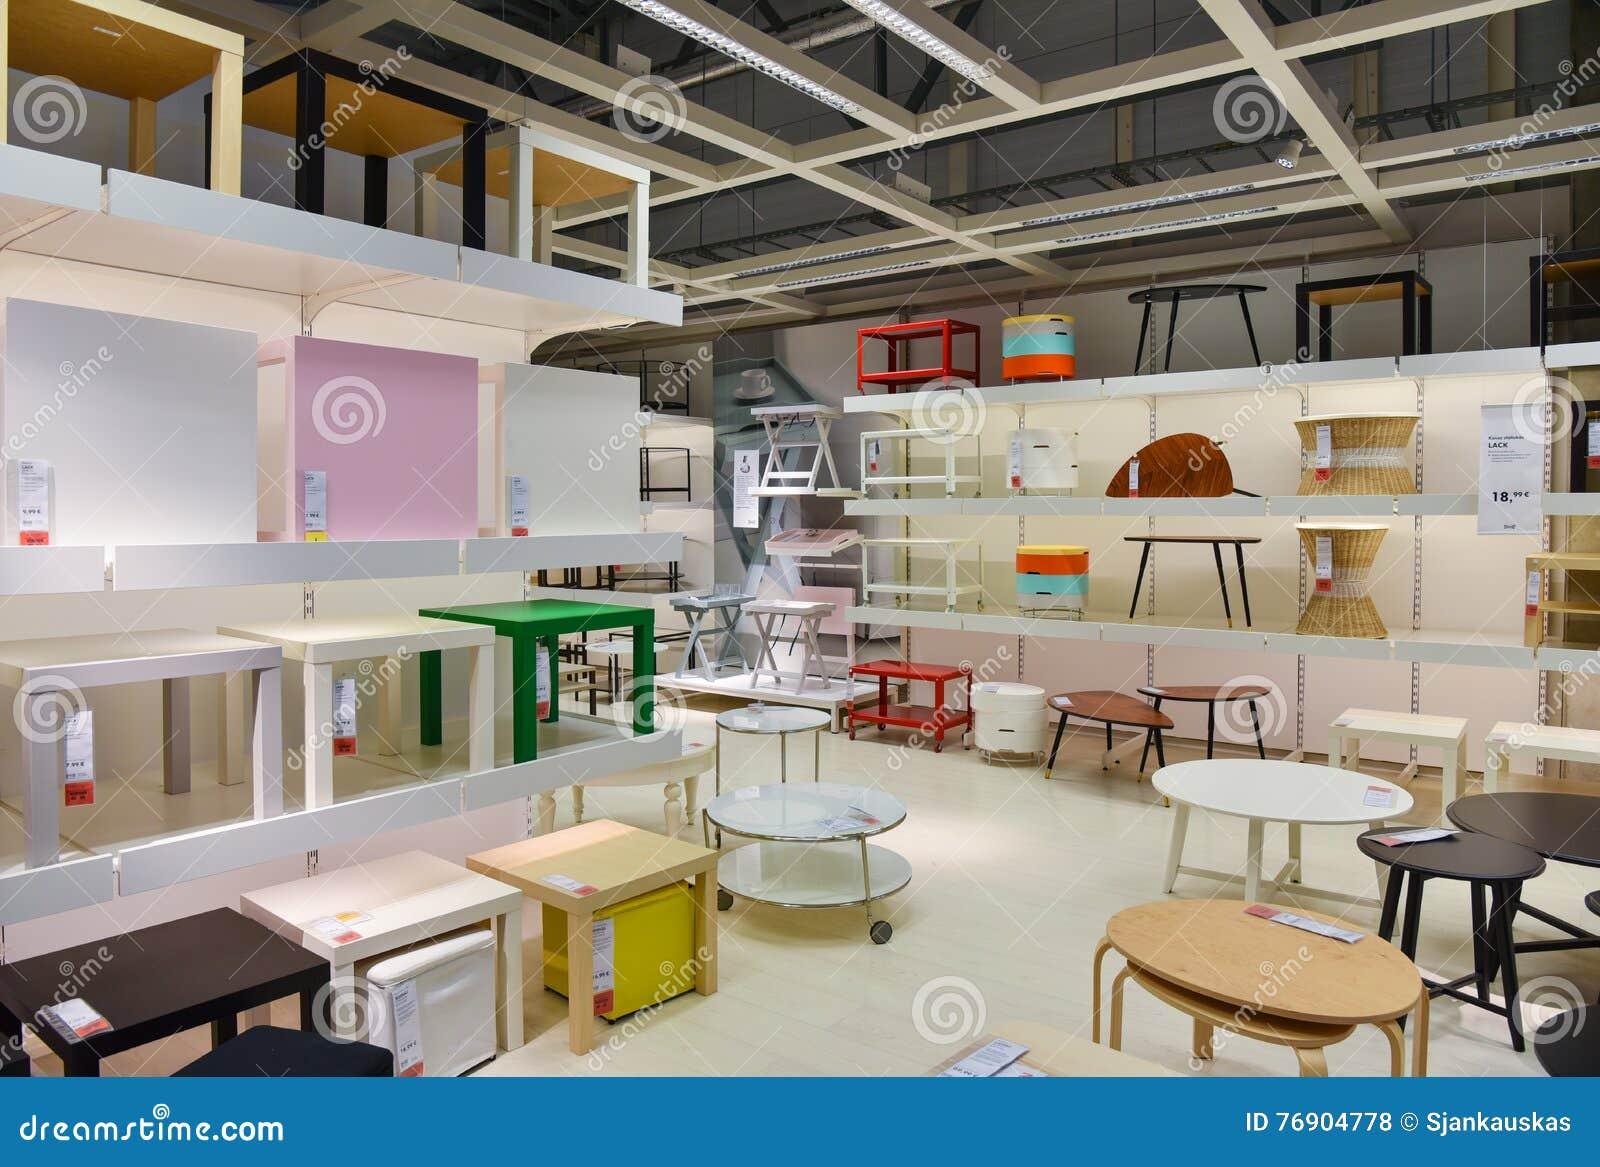 Ikea Del Interior De La Tienda De Muebles Foto De Archivo  # Muebles Tipo Ikea